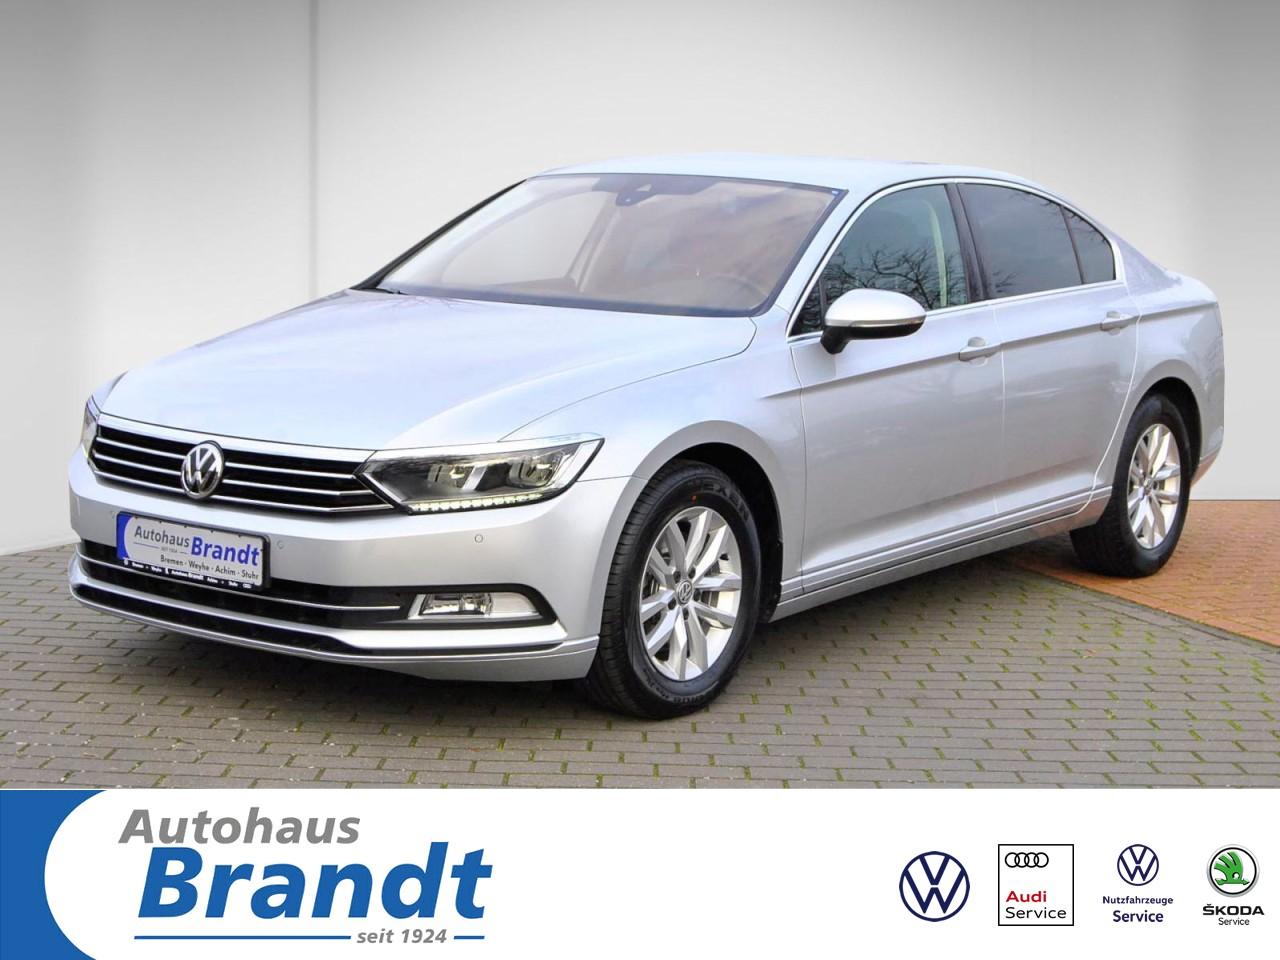 Volkswagen Passat 2.0 TDI LED*NAVI*ACC*KAMERA*SHZ Klima, Jahr 2016, Diesel